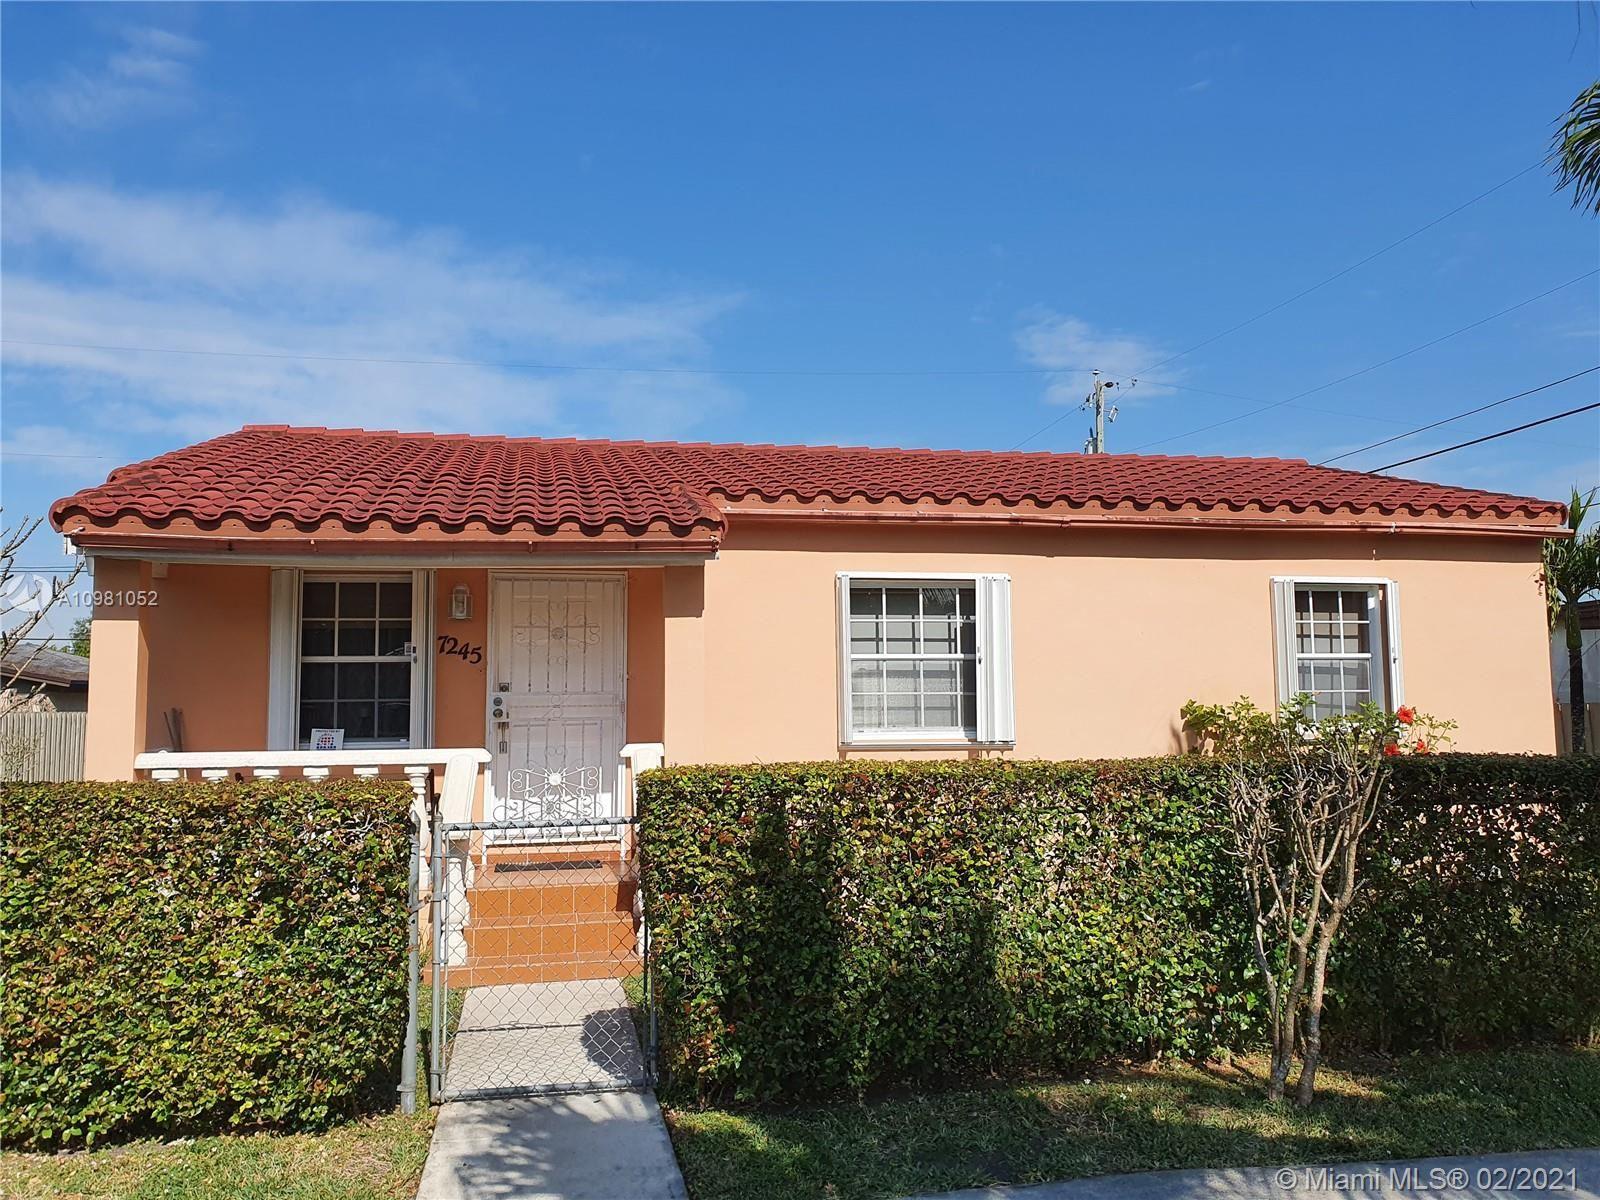 7245 SW 19th St, Miami, FL 33155 - #: A10981052